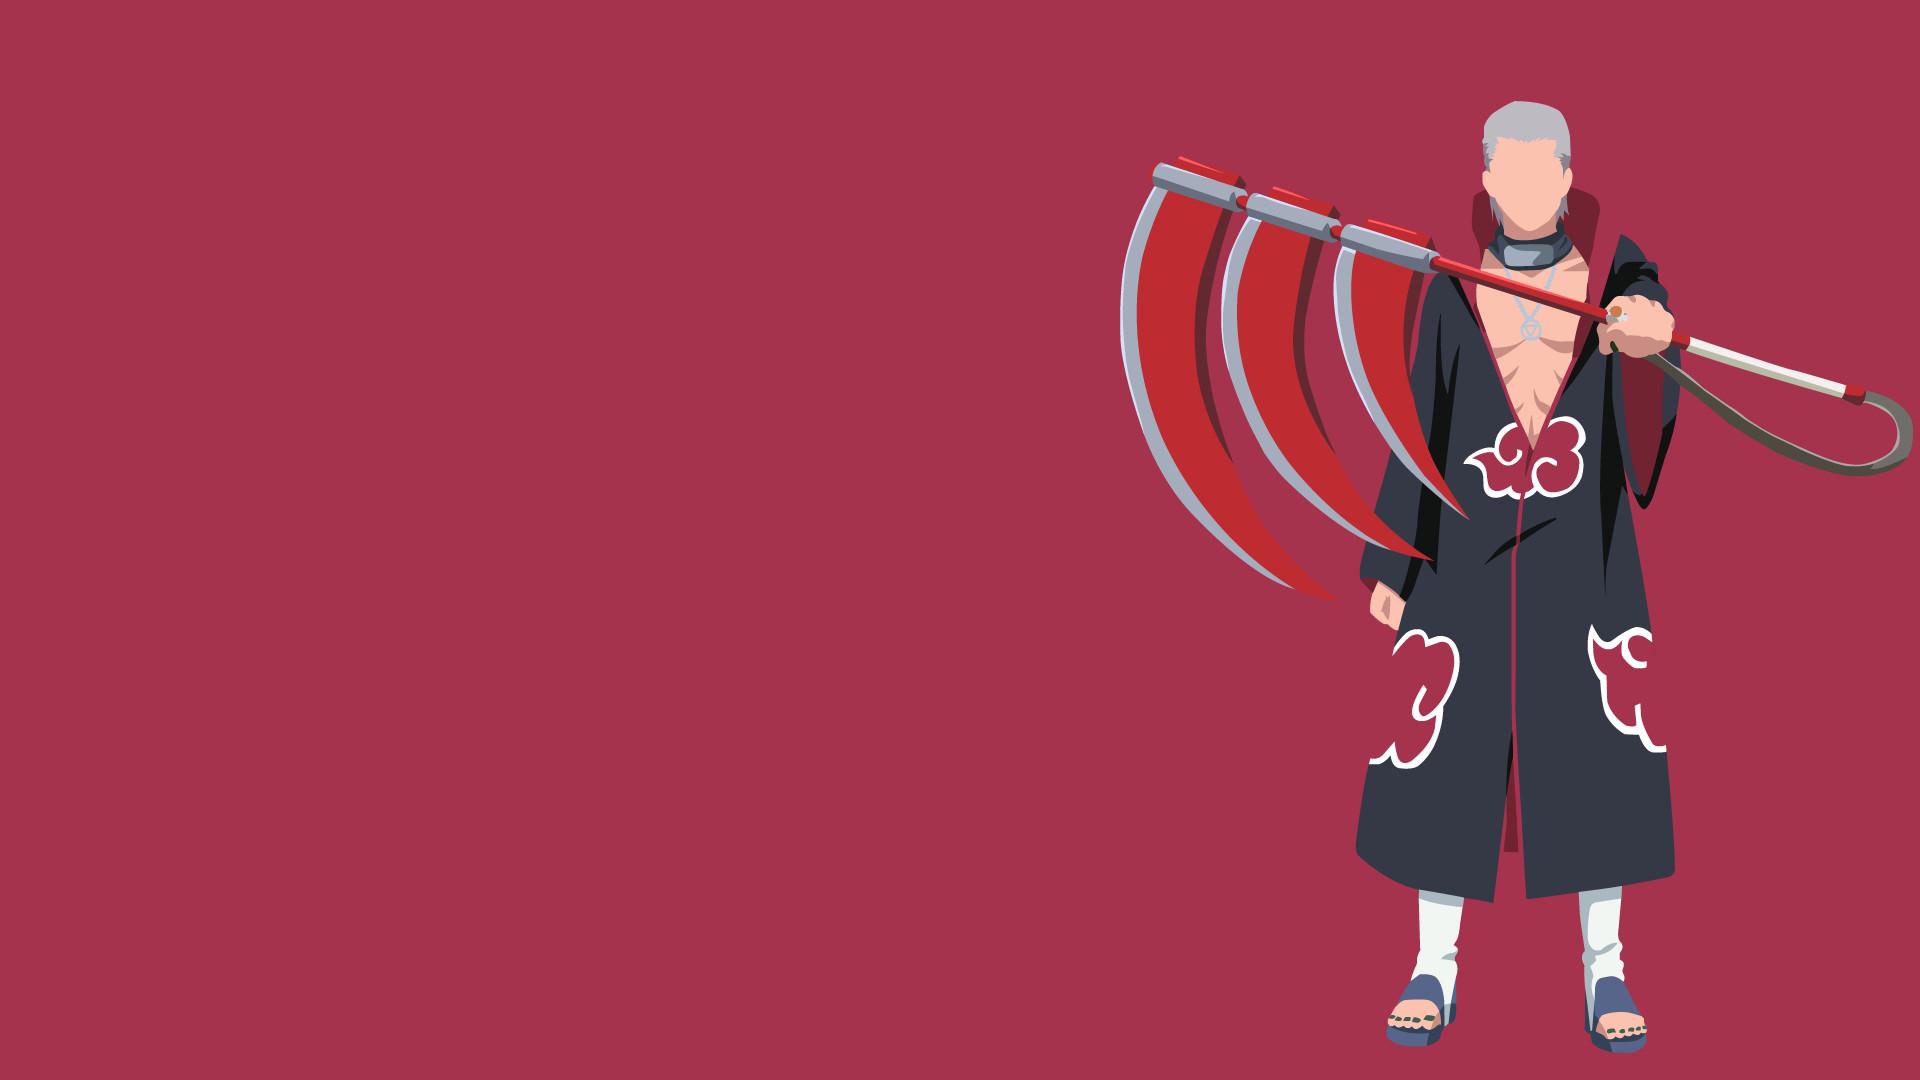 Res: 1920x1080, Hidan Akatsuki Naruto Shippuden by UzumakiAsh on